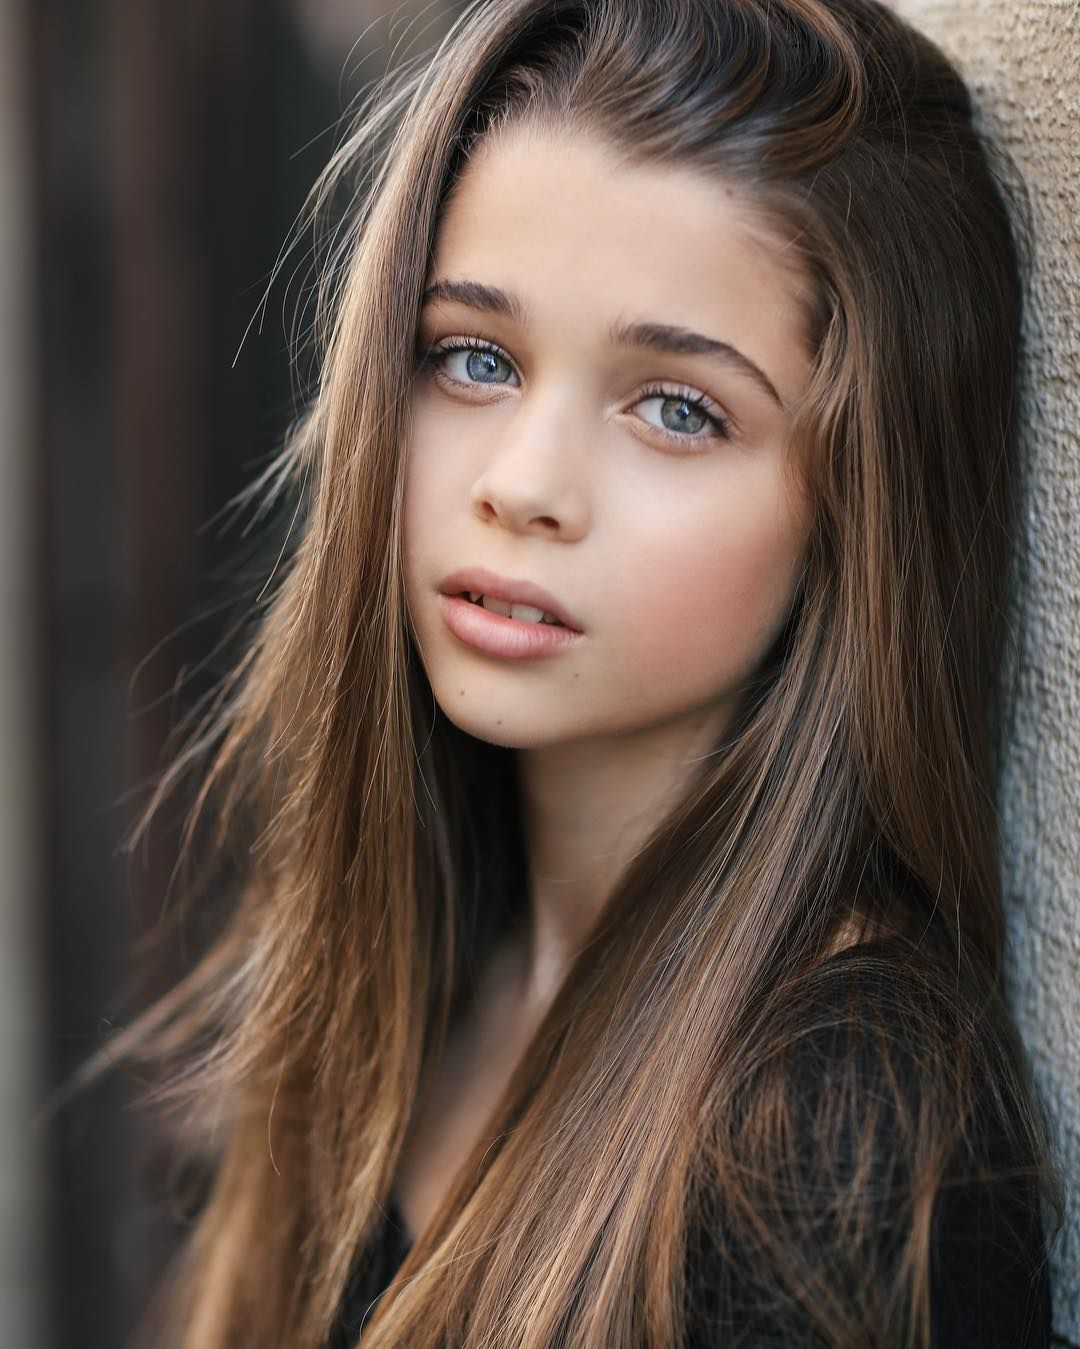 Bulgarian teen model boobs bad